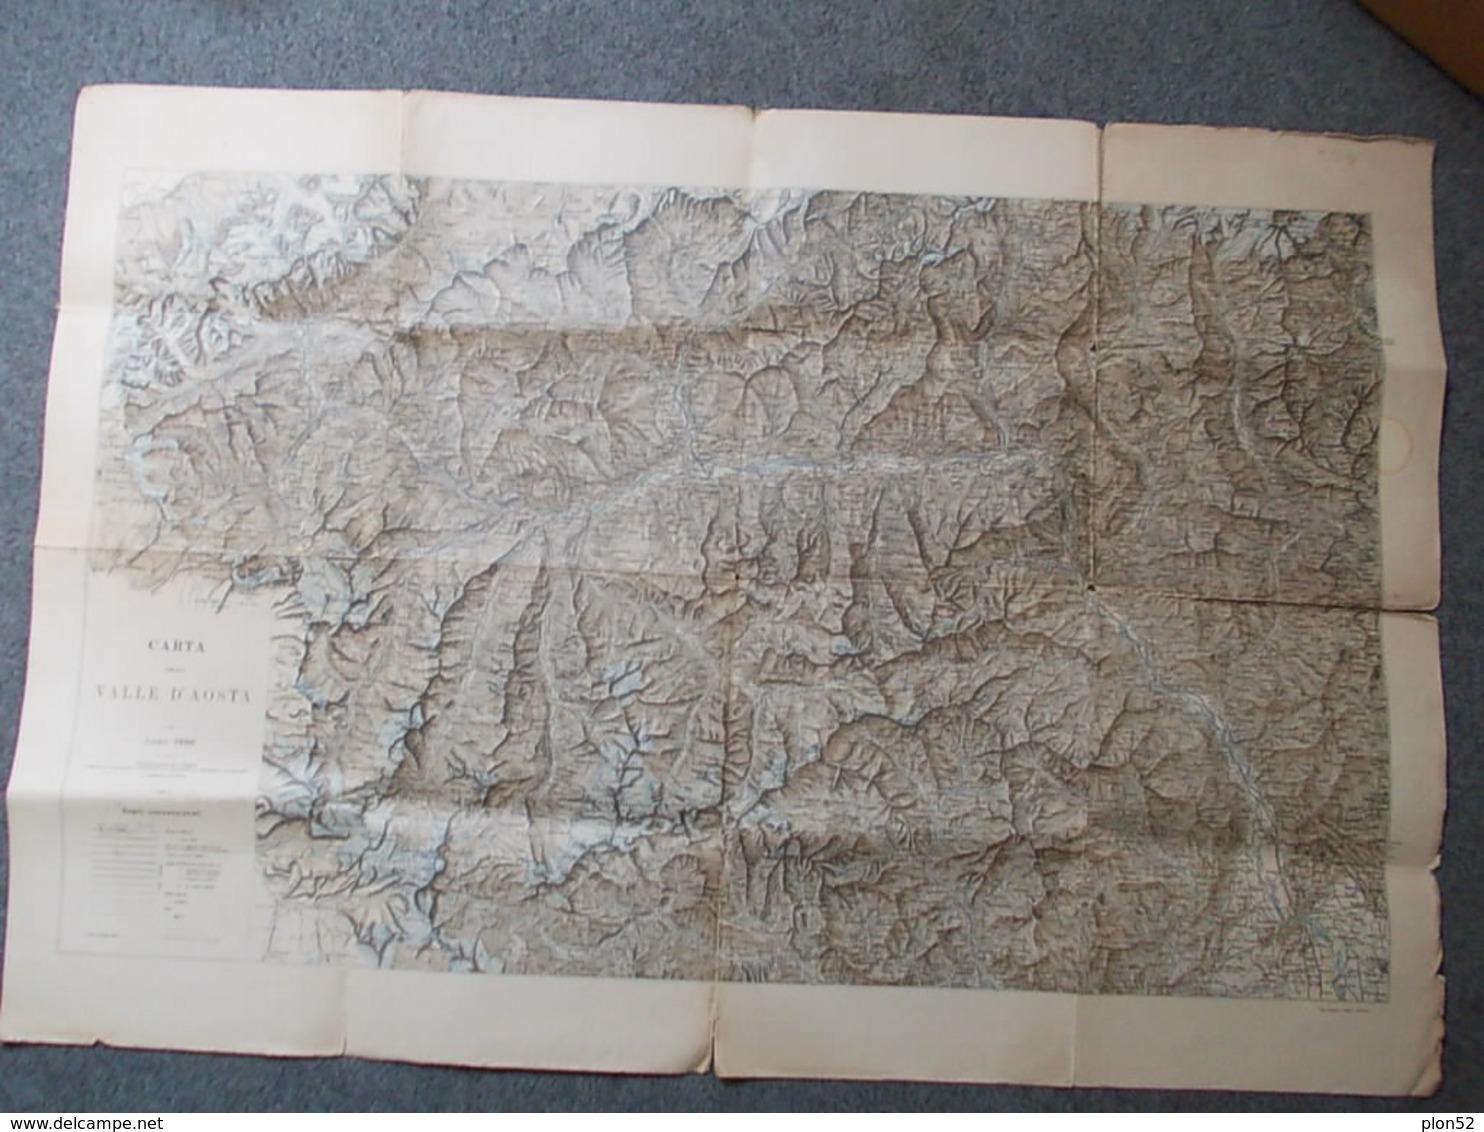 12669-CARTA GEOGRAFICA DELLA VALLE DAOSTA - 1900 - SCALA 1:100.000 - Carte Geographique